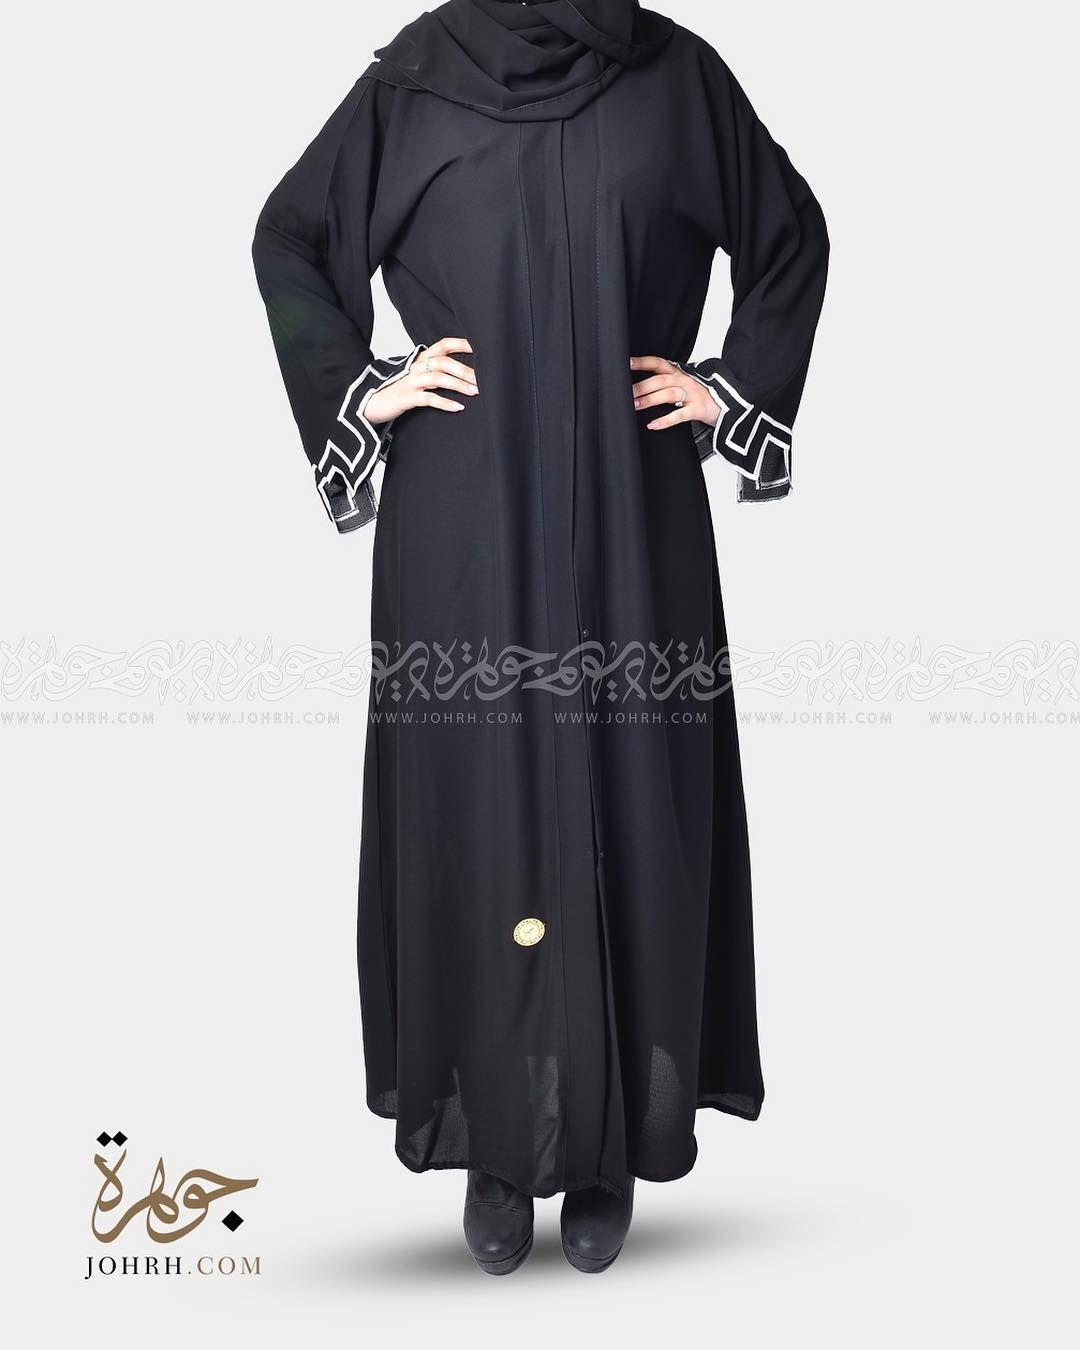 رقم الموديل 1309 السعر 210 ريال تألقي مع هذه العباءة بقماشها الرقيق وقصه كمها المميزة بتطريزها الابيض لتمنحك ثقه مع احترام متج Abaya Designs Abaya Design